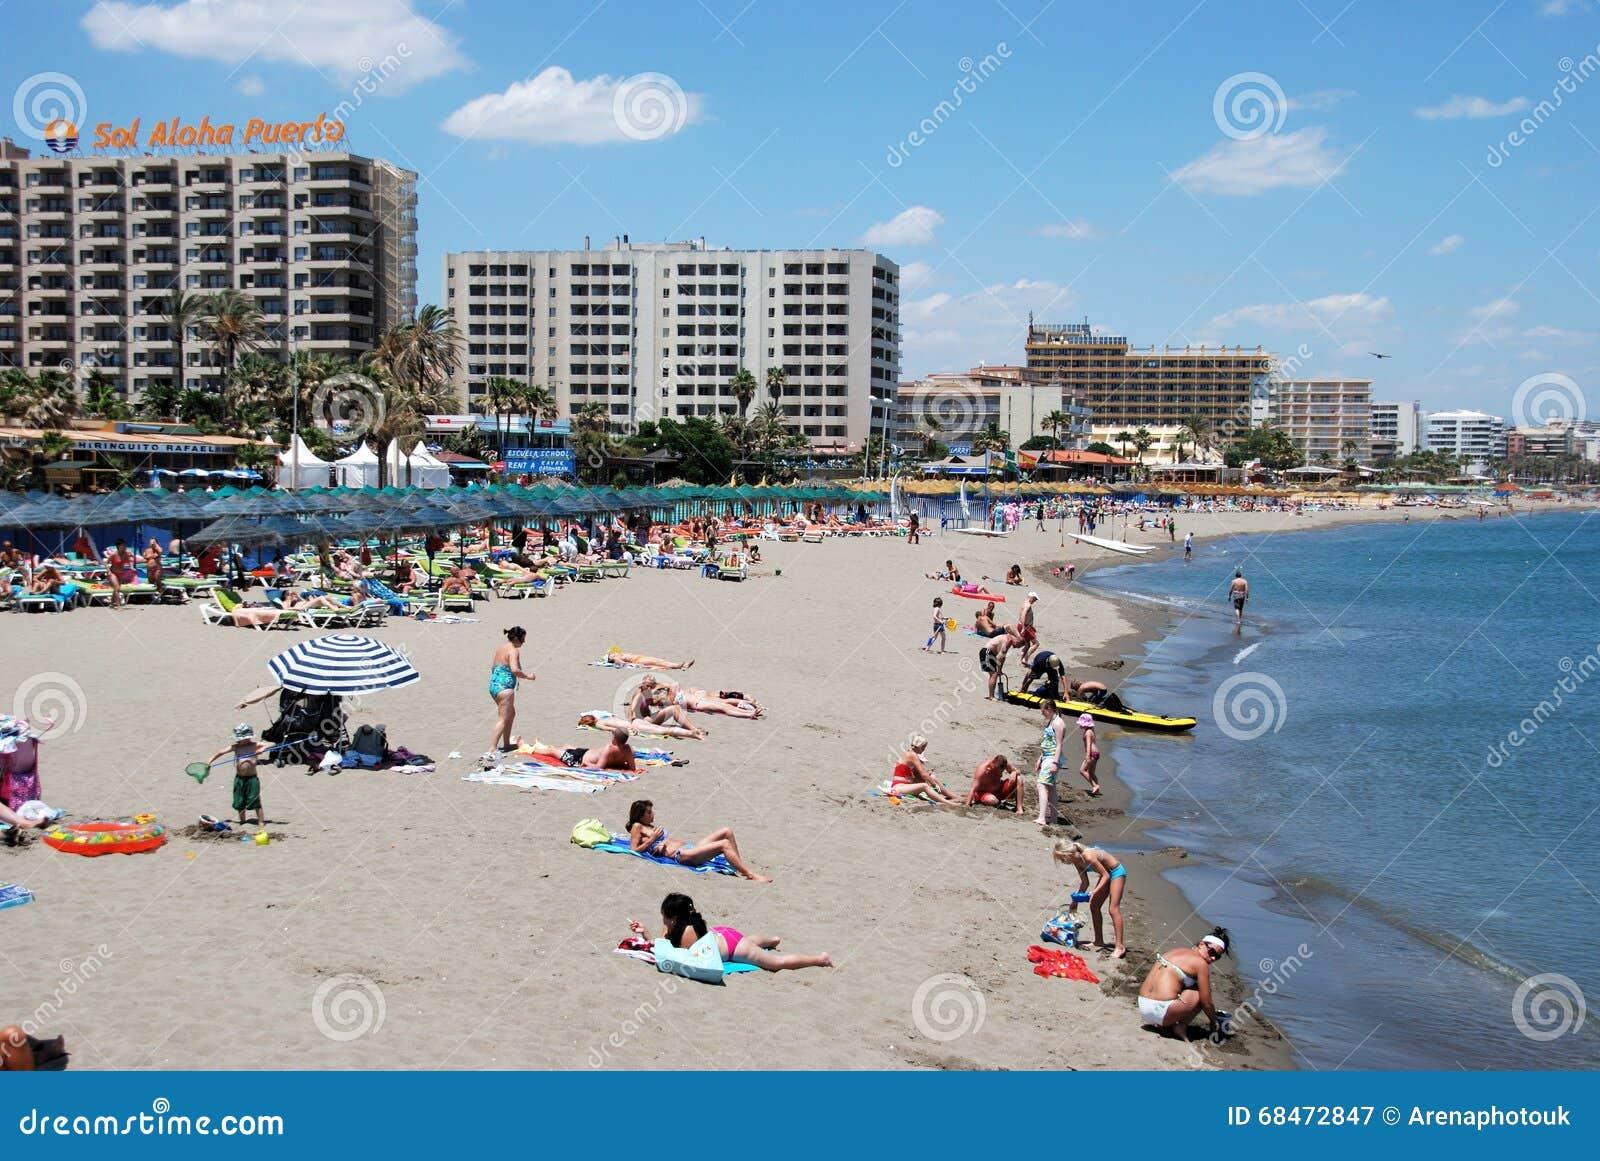 Hotels Near Malaga Airport Beach